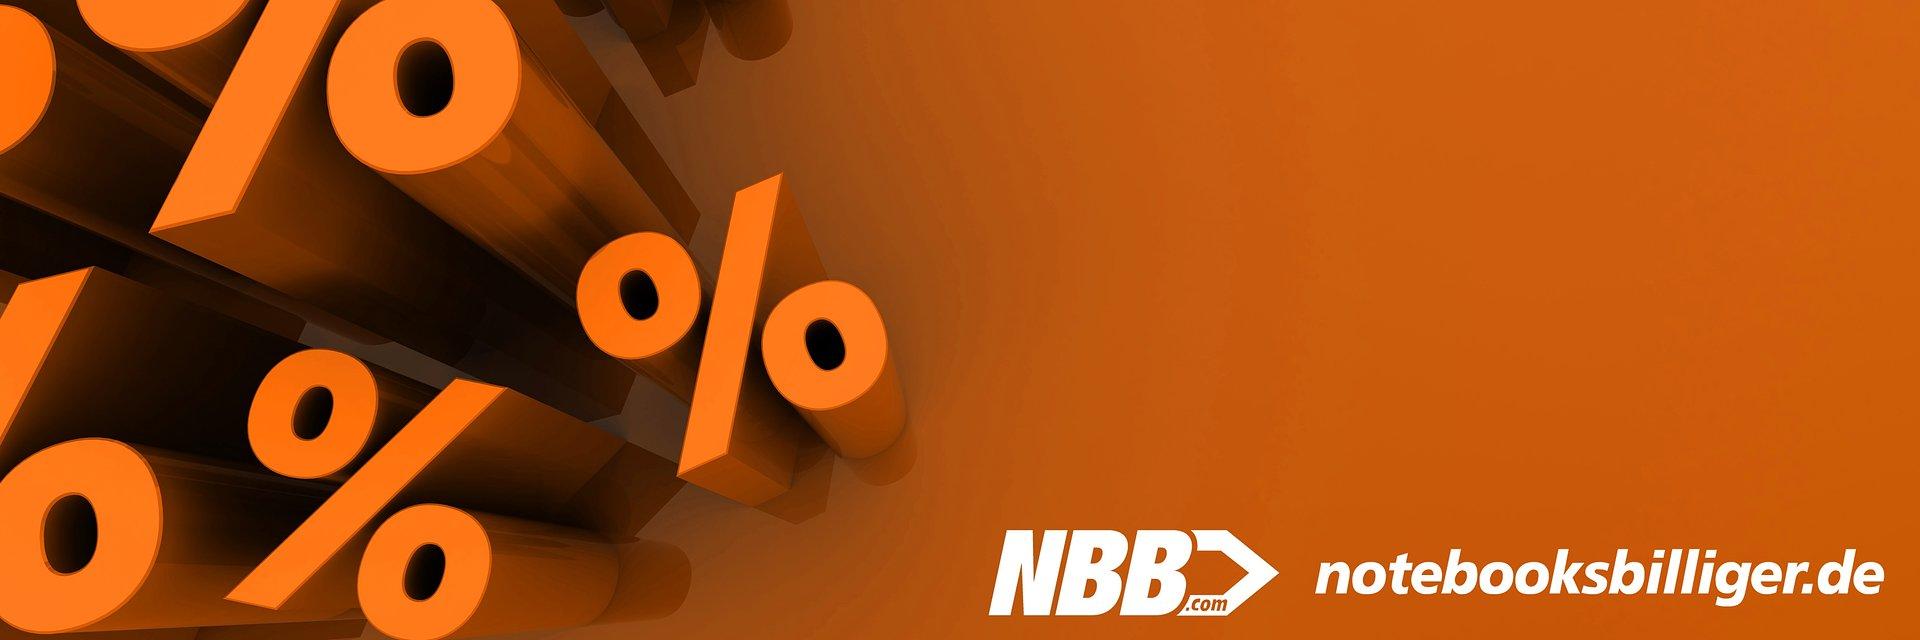 NBB gibt die Mehrwertsteuer-Senkung an seine Kunden weiter